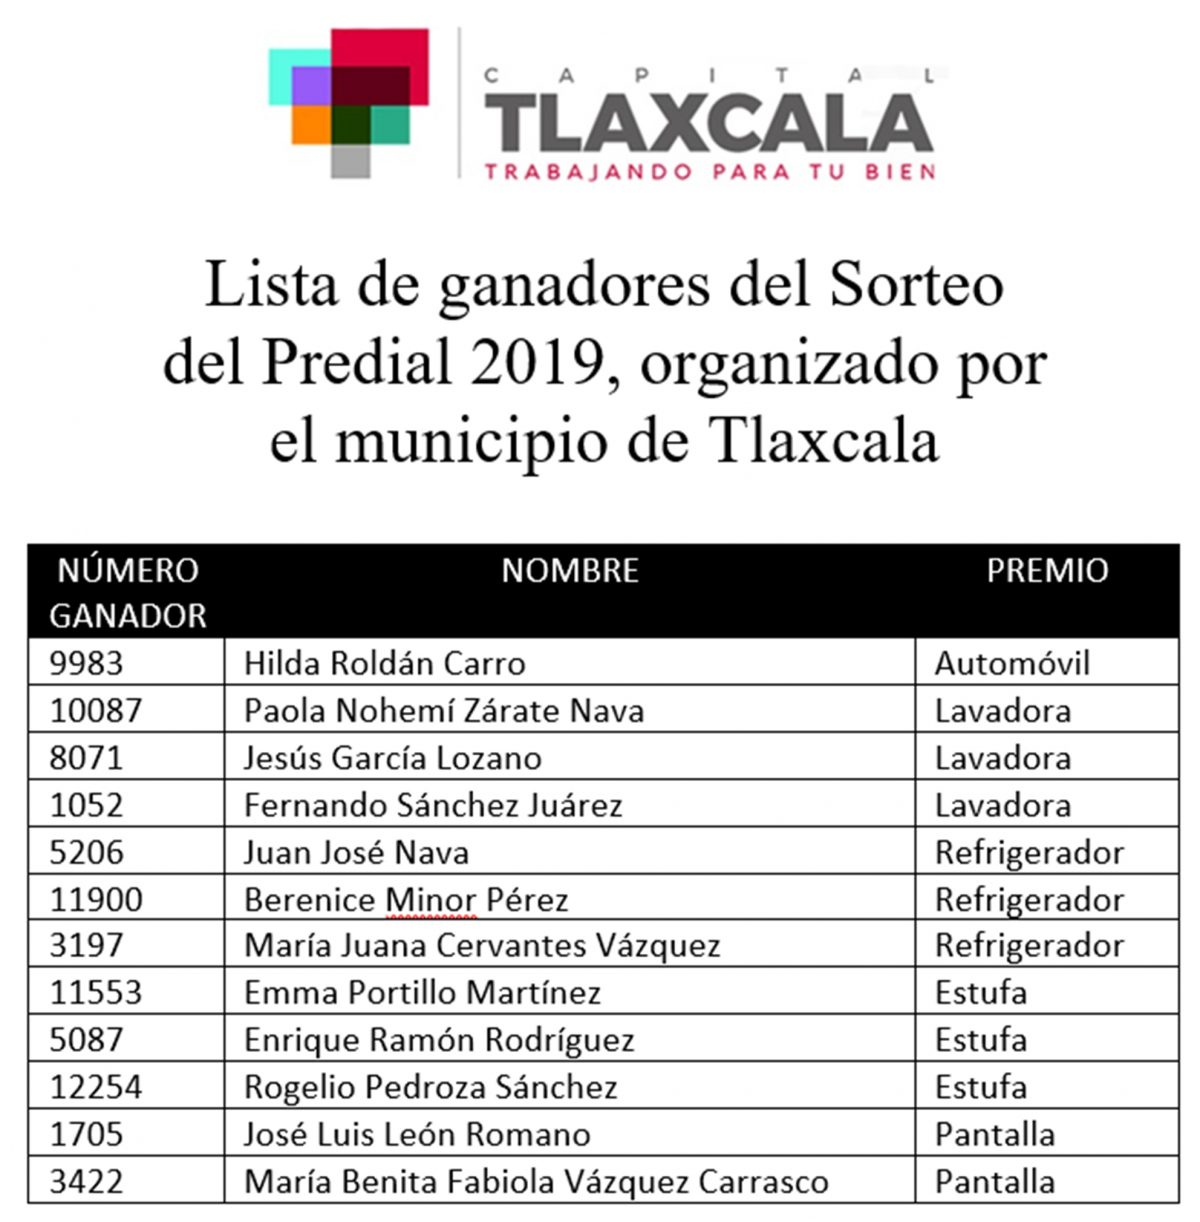 Lista de Ganadores del Sorteo del Predial 2019, organizado por el municipio de Tlaxcala.